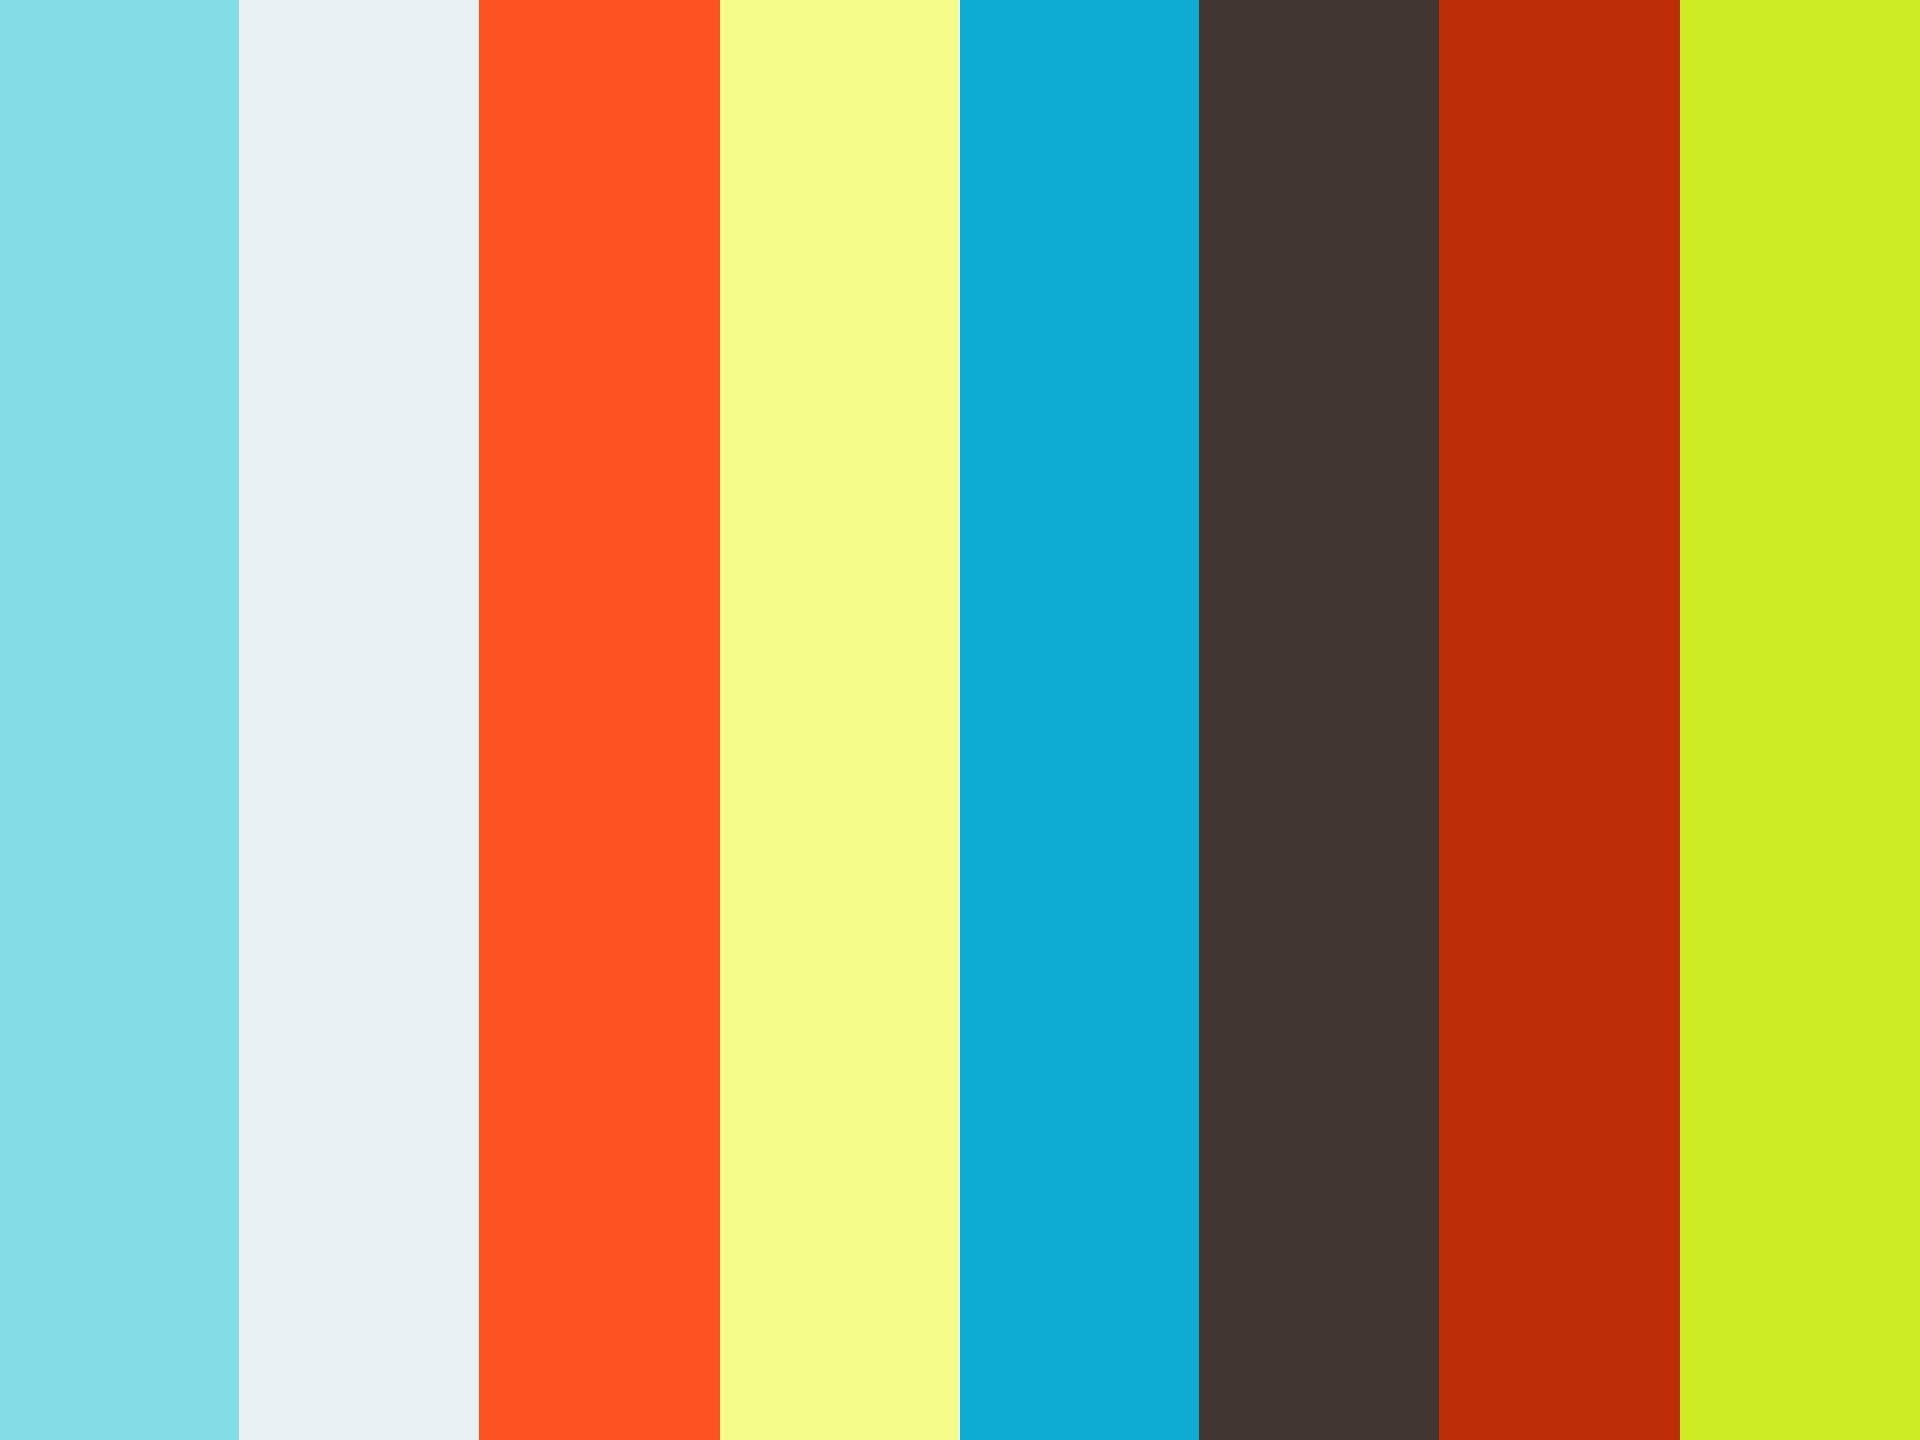 【振り返り~11/20】 実習参加型セミナー「改めて学ぼう根面被覆  ~歯周外科に強くなる~」 三串雄俊先生 クリニカル・カンファレンス